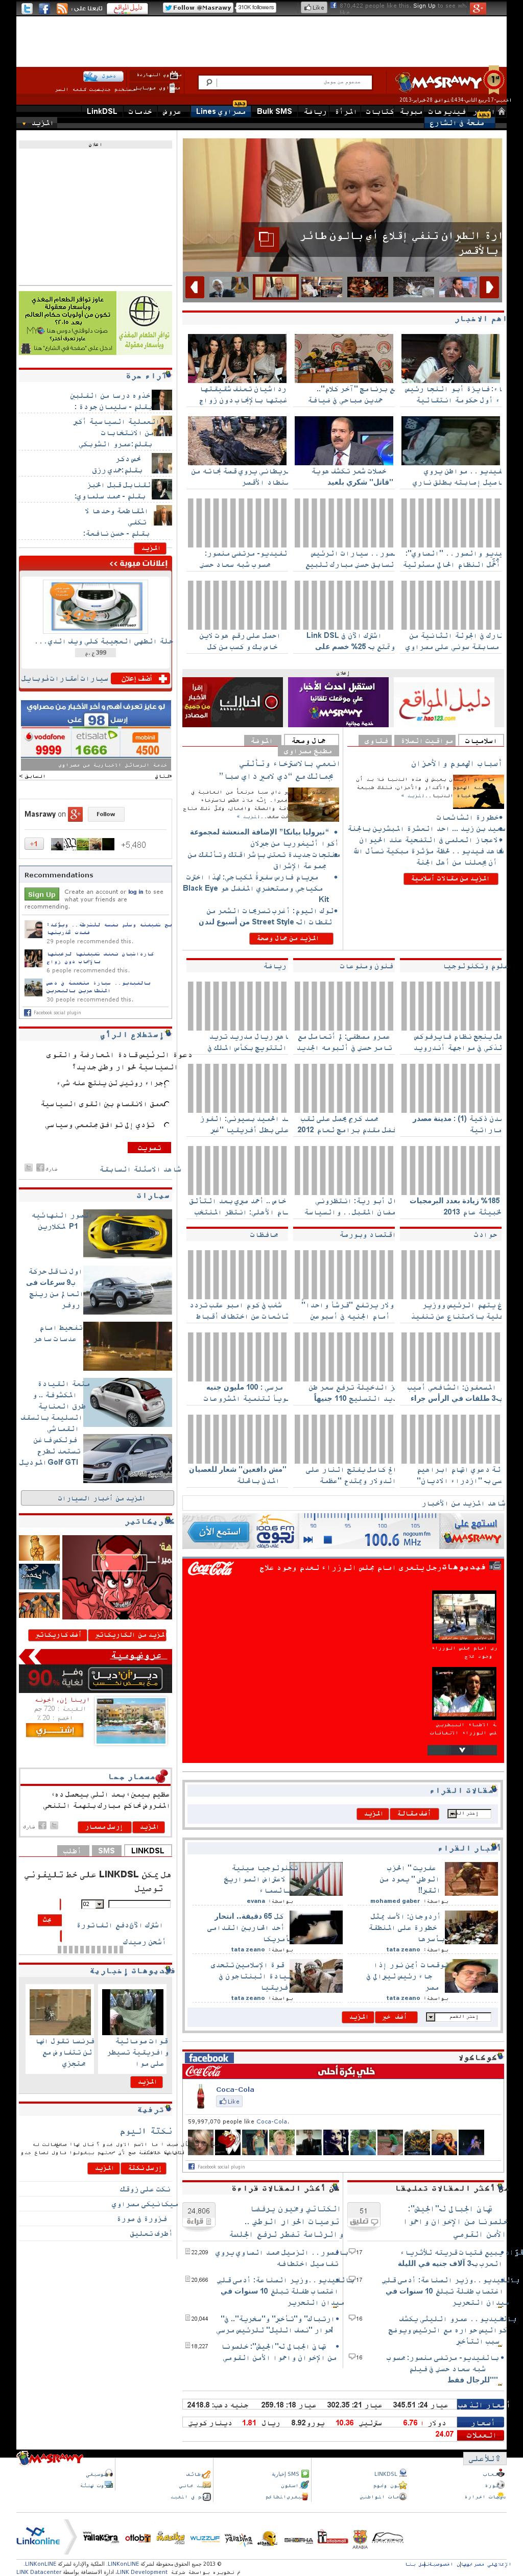 Masrawy at Thursday Feb. 28, 2013, 9:11 p.m. UTC